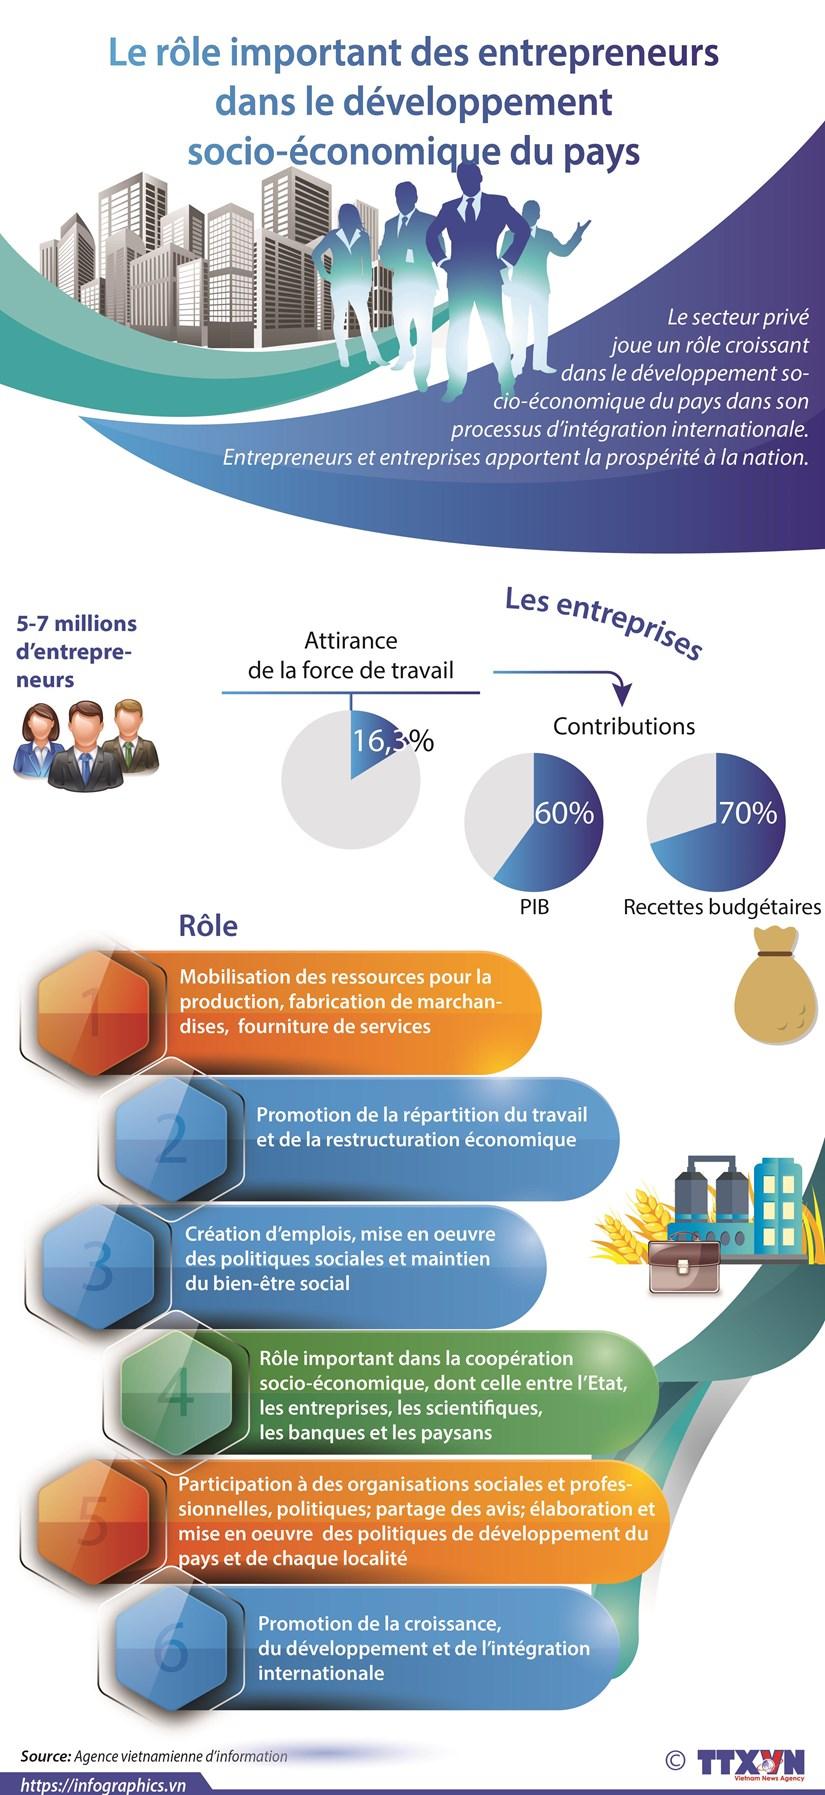 Le role important des entrepreneurs dans le developpement socio-economique du pays hinh anh 1